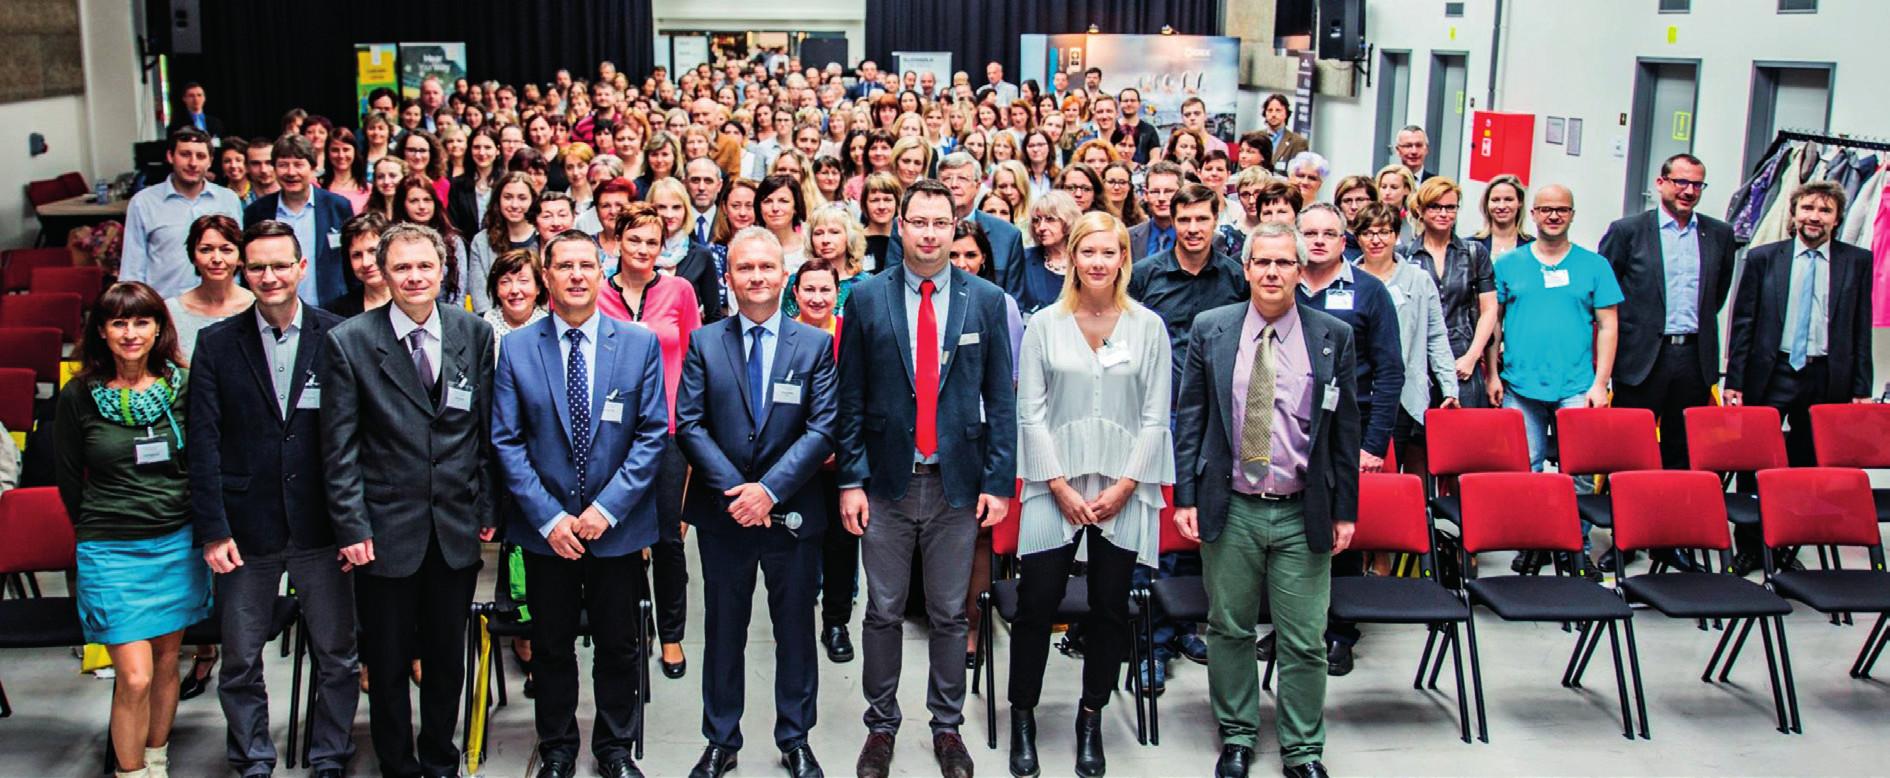 Společné foto účastníků a lektorů sympozia.